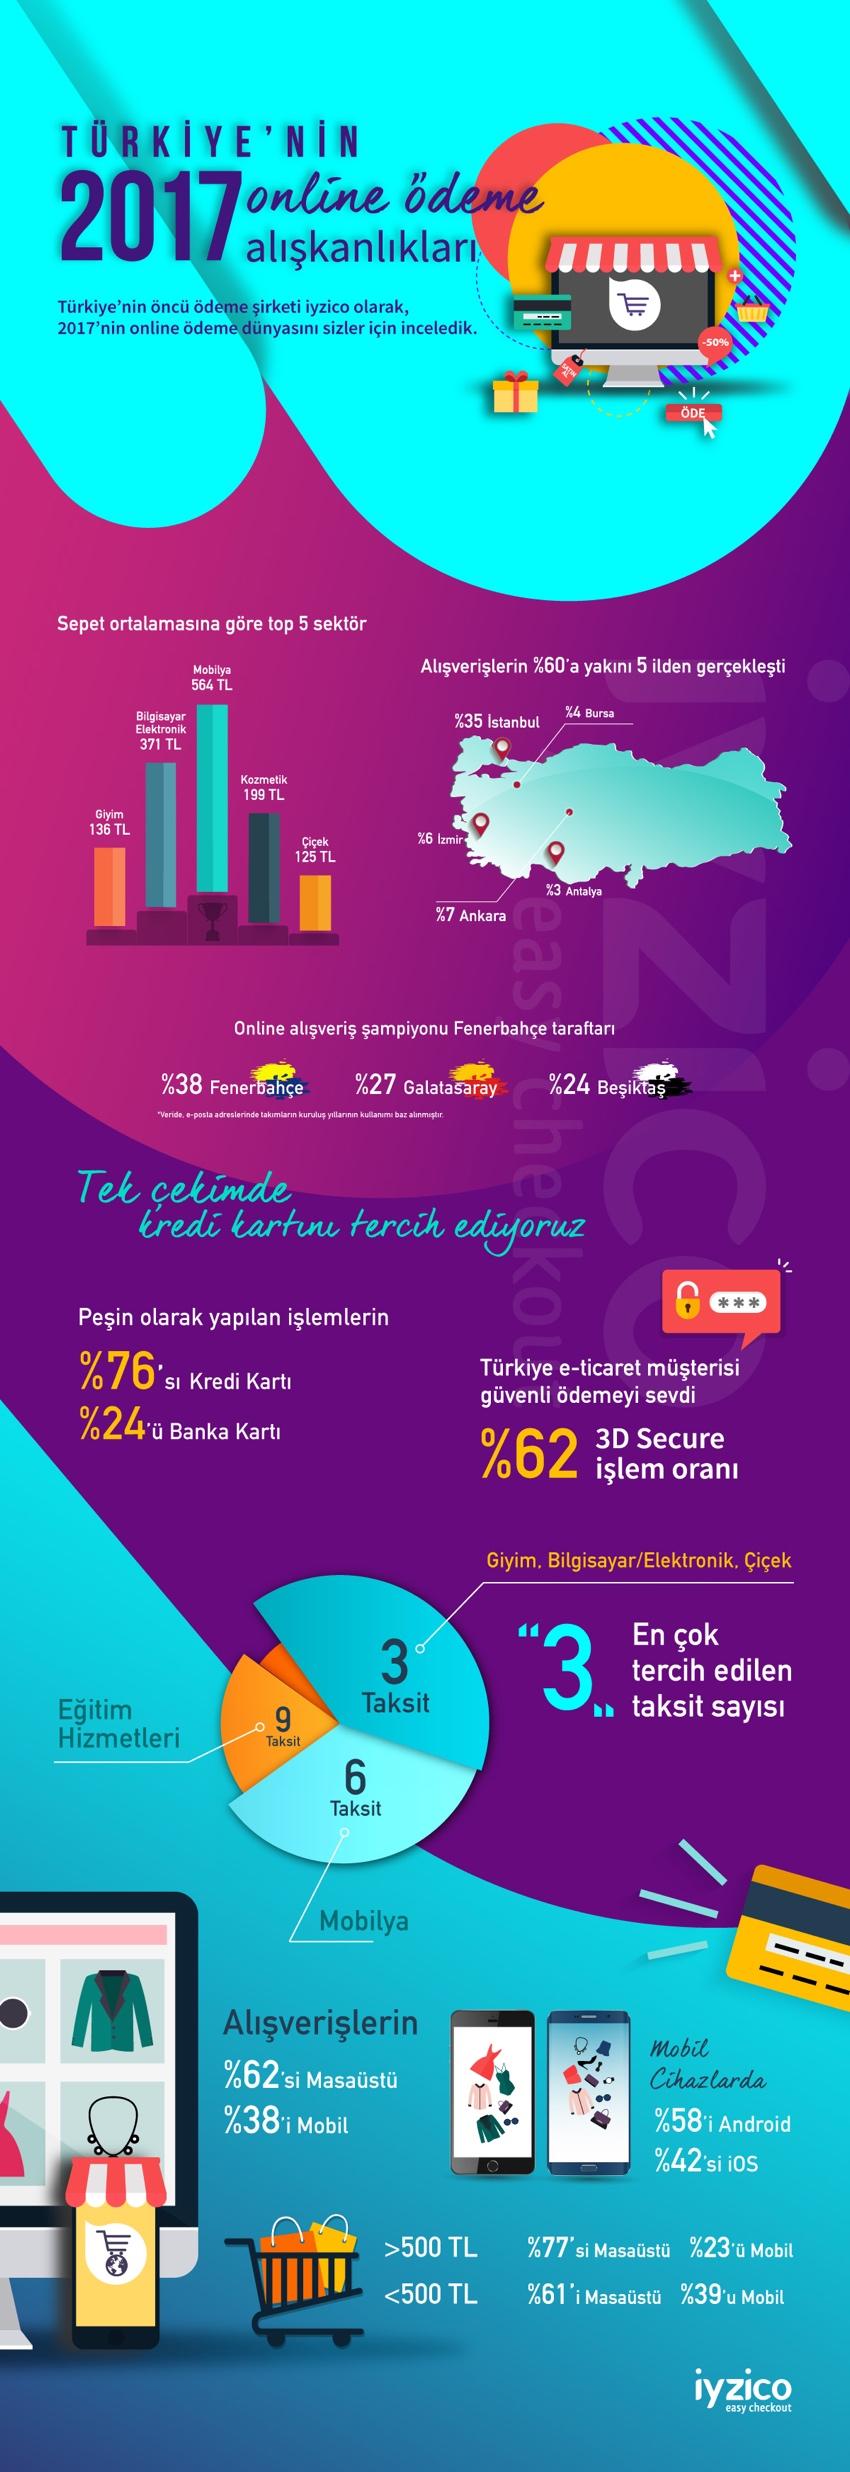 Türkiye'nin Online Ödeme Alışkanlıkları 2017 [İnfografik]